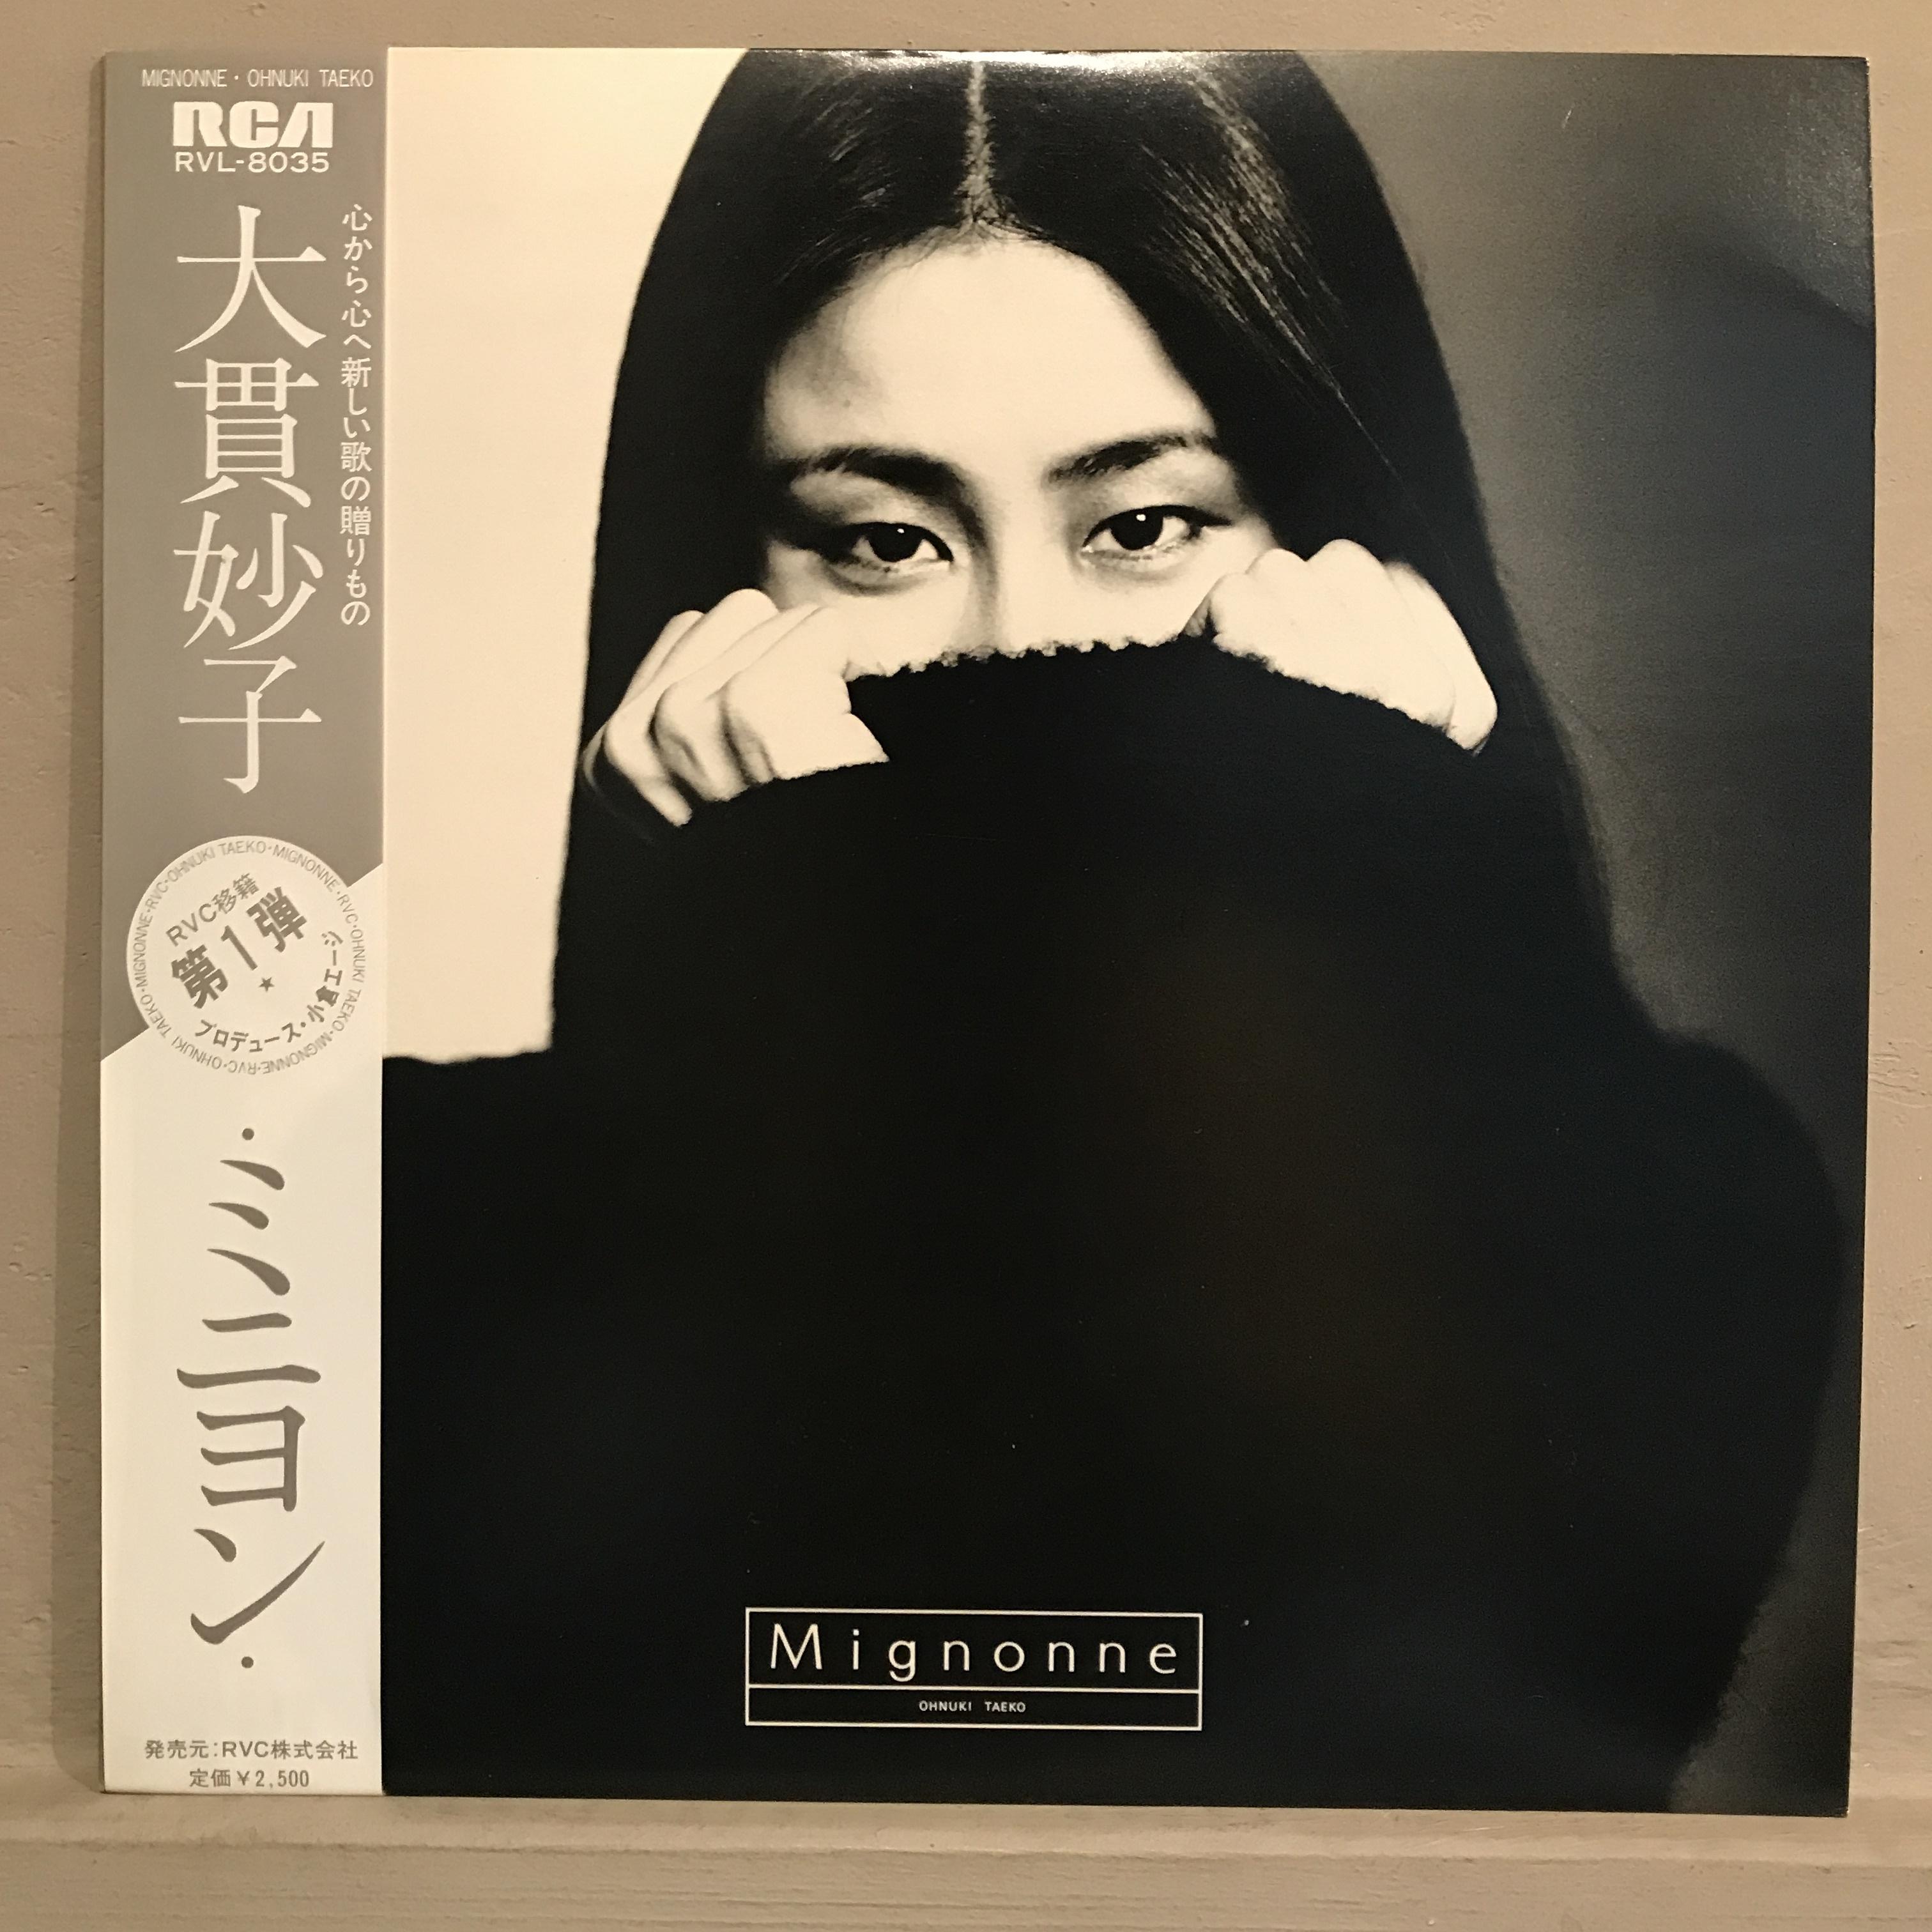 ●大貫妙子 / MIGNONNE : ミニヨン